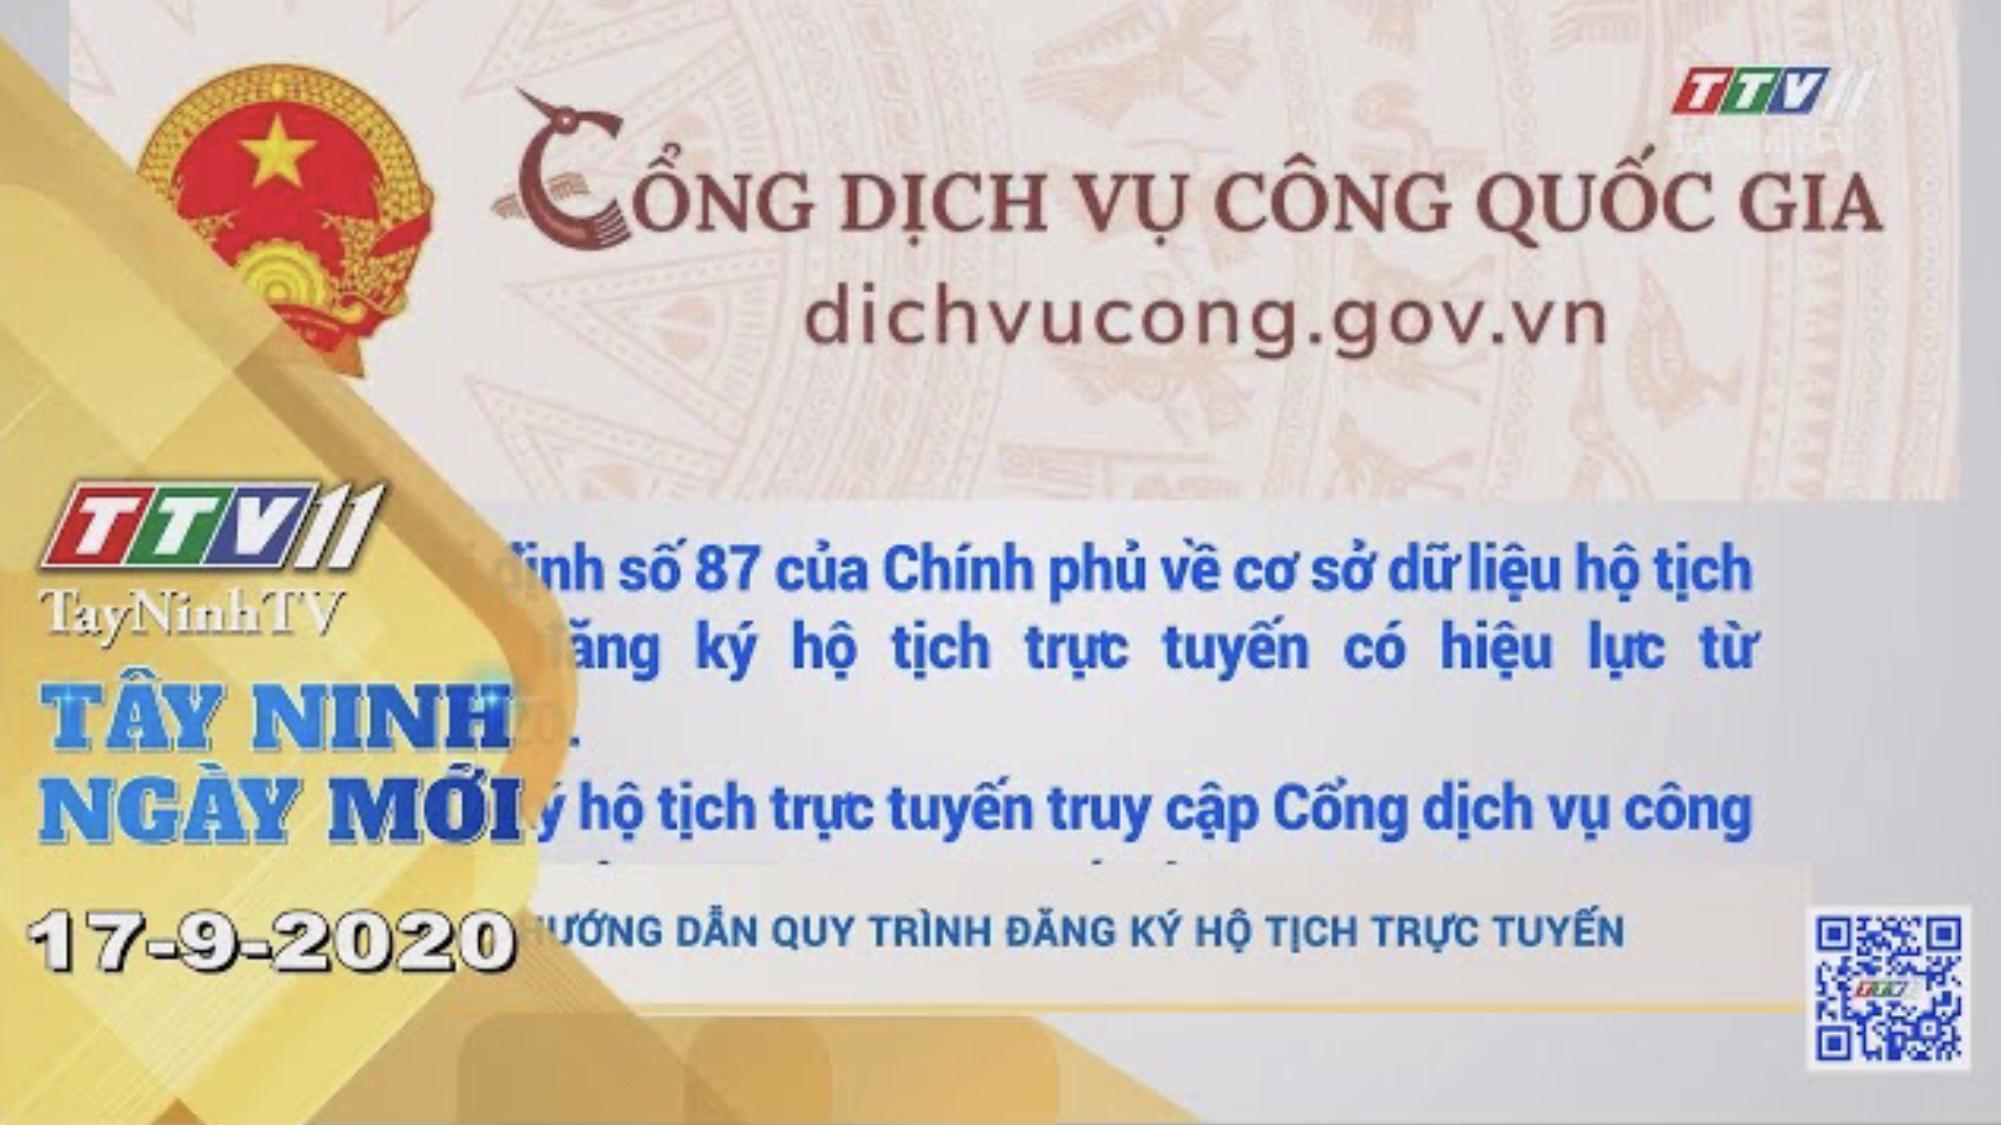 Tây Ninh Ngày Mới 17-9-2020 | Tin tức hôm nay | TayNinhTV